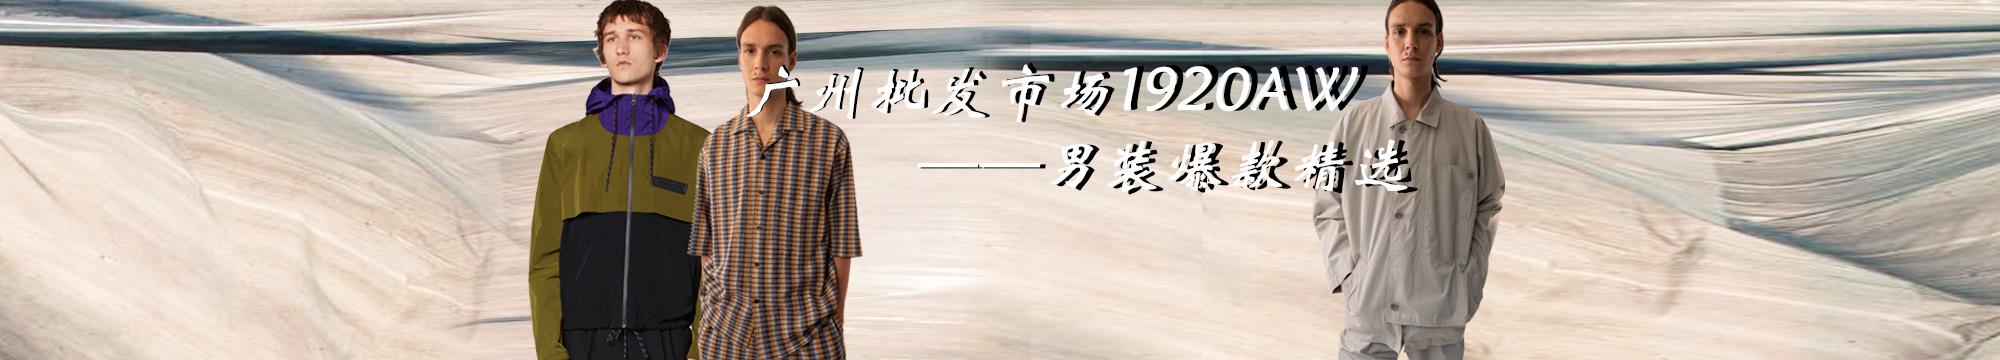 廣州批發市場19SS-男裝爆款精選